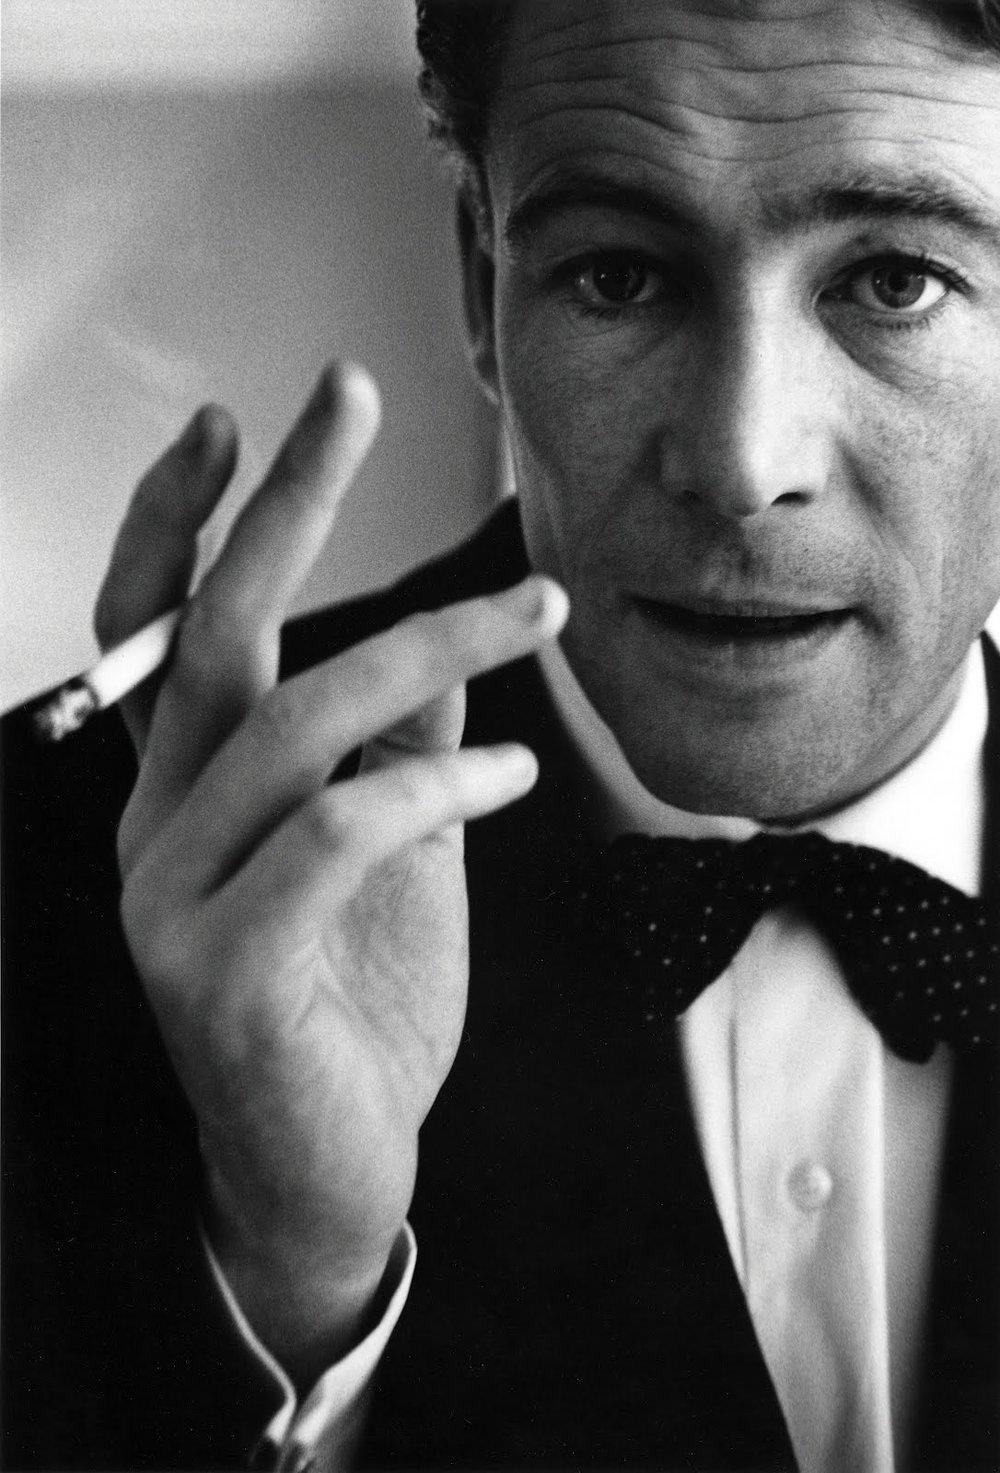 Peter Seamus O'Toole nasceu... Nem ele sabe ao certo. Algumas fontes sugerem Connemara, na Irlanda, outras apontam Leeds, na Inglaterra. Cidades natais à parte, o que se sabe com certeza é que trata-se de um dos maiores nomes do cinema do século 20. Ao lado de mestres como Cary Grant, James Stewart e Peter Fonda, O'Toole faz parte de um hall da fama que também inclui habilidades na hora de se vestir. Clássico, fino e totalmente atemporal, o estilo de O'Toole é também um dos motivos por ele ser tão adorado ao longo dos seus 81 anos de idade. Vida longa ao ator e à sua elegância.